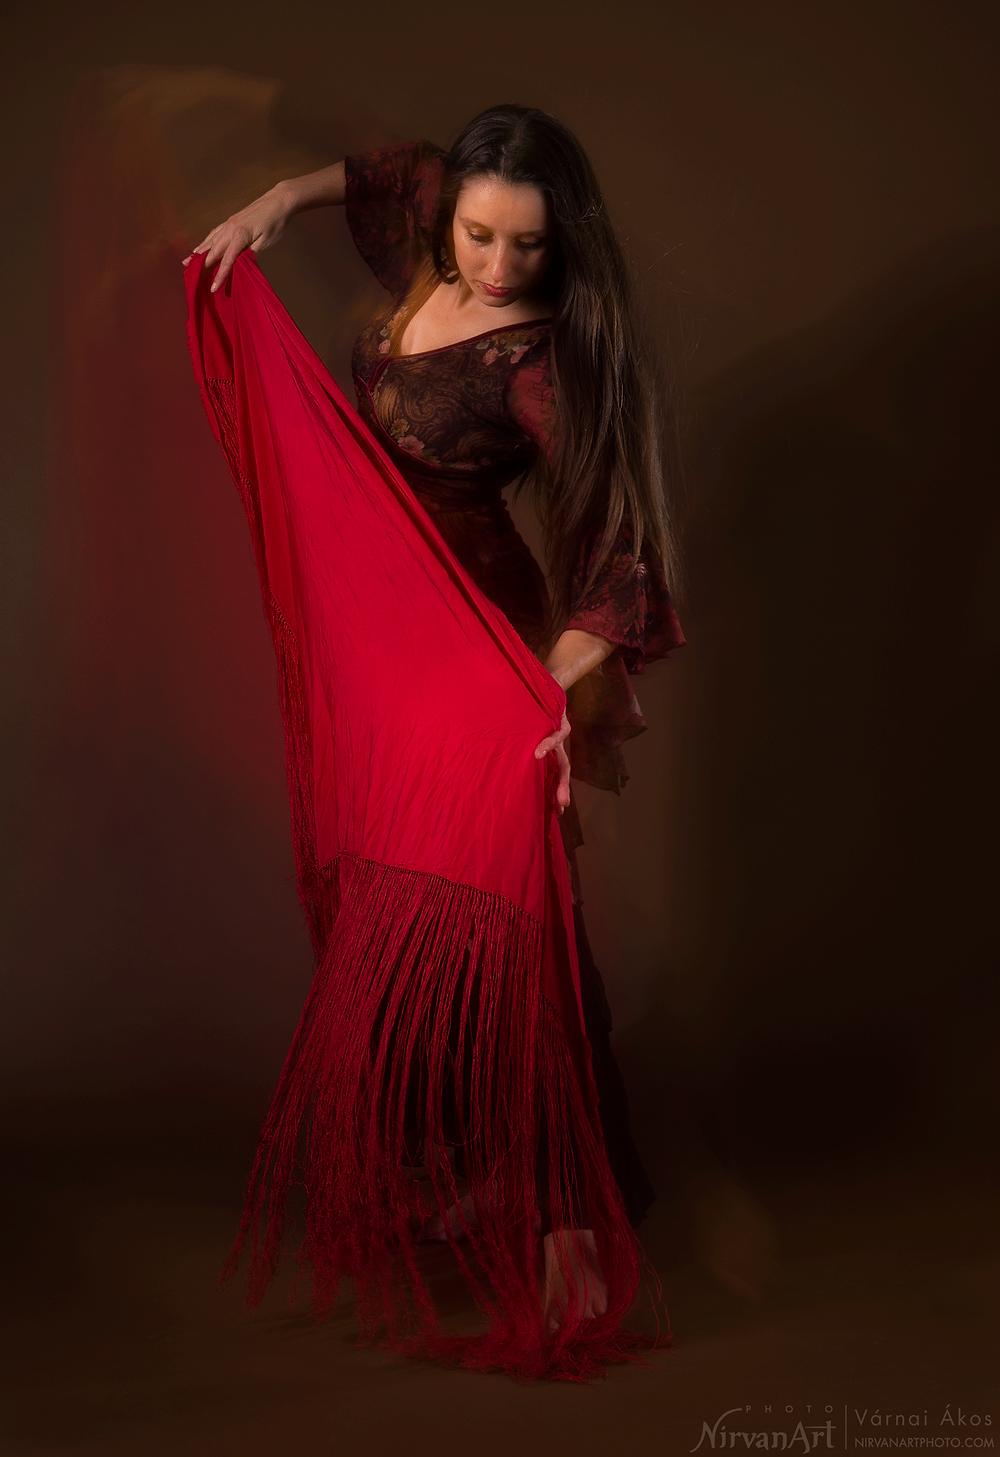 művészi portré Fodor Rékáról flamenco ruhában